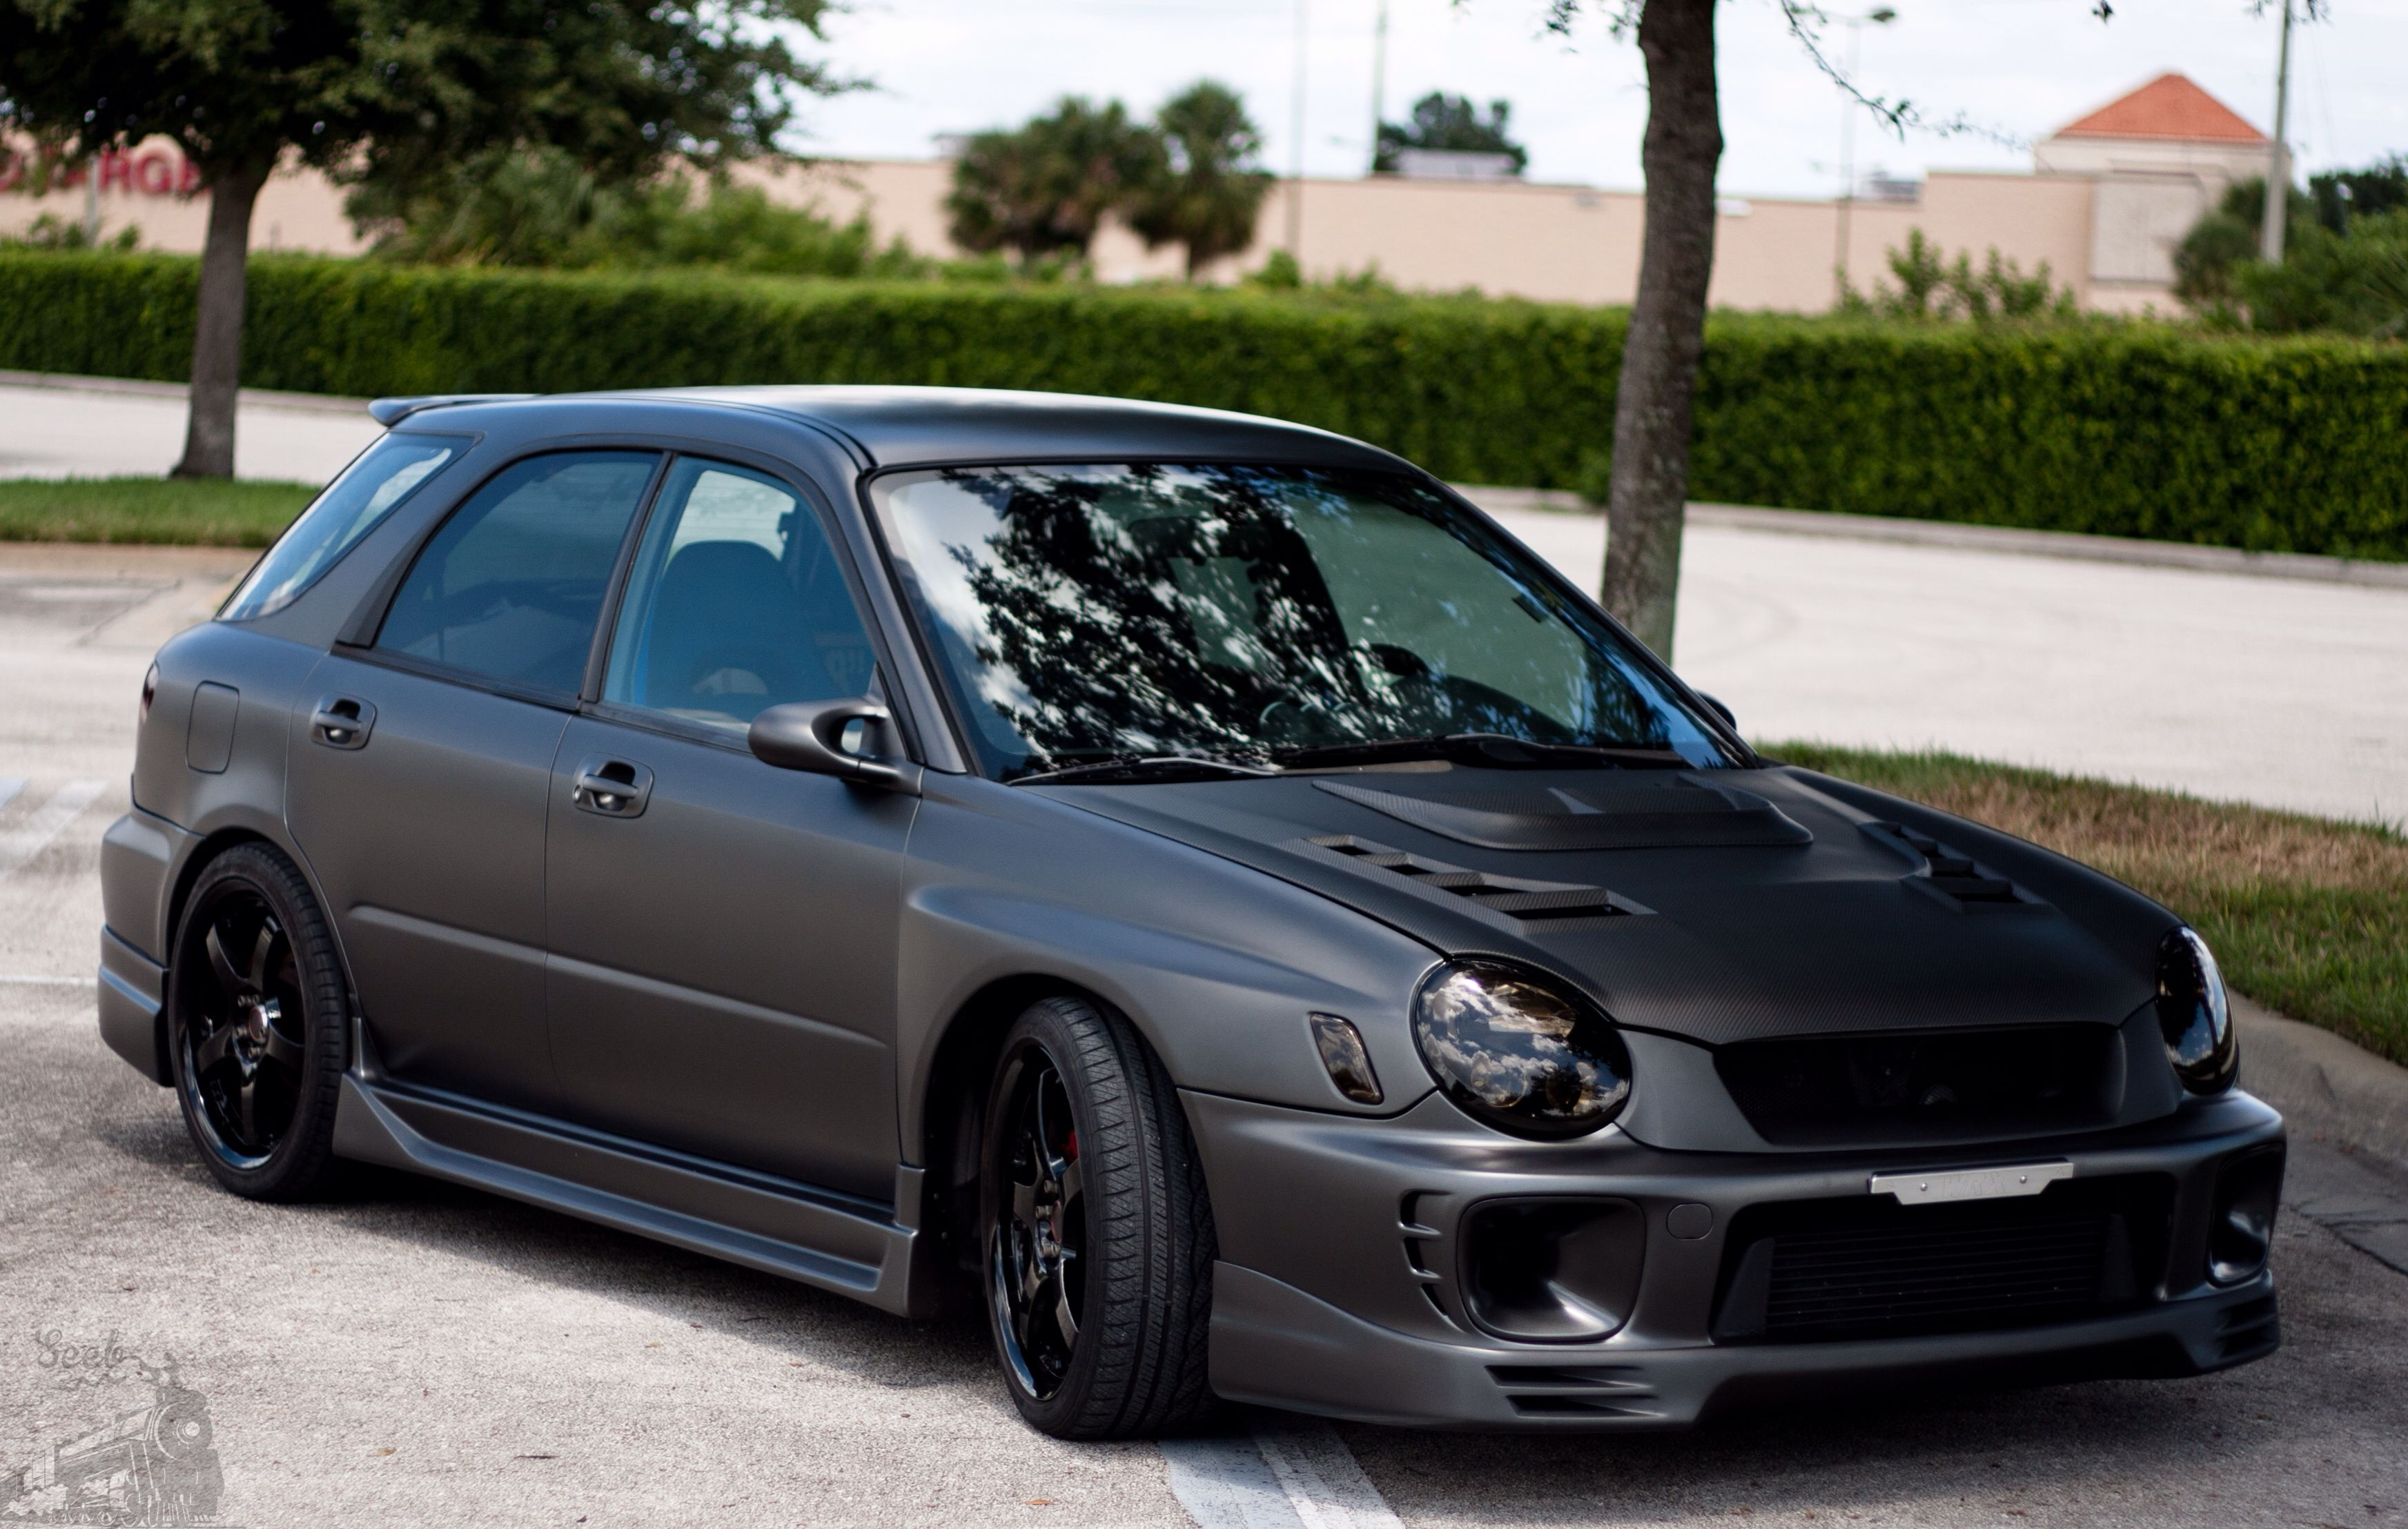 Flat Black Bug Eye Subaru Bugeye Wrx Wrx Wagon Subaru Cars Subaru Wrx Wagon